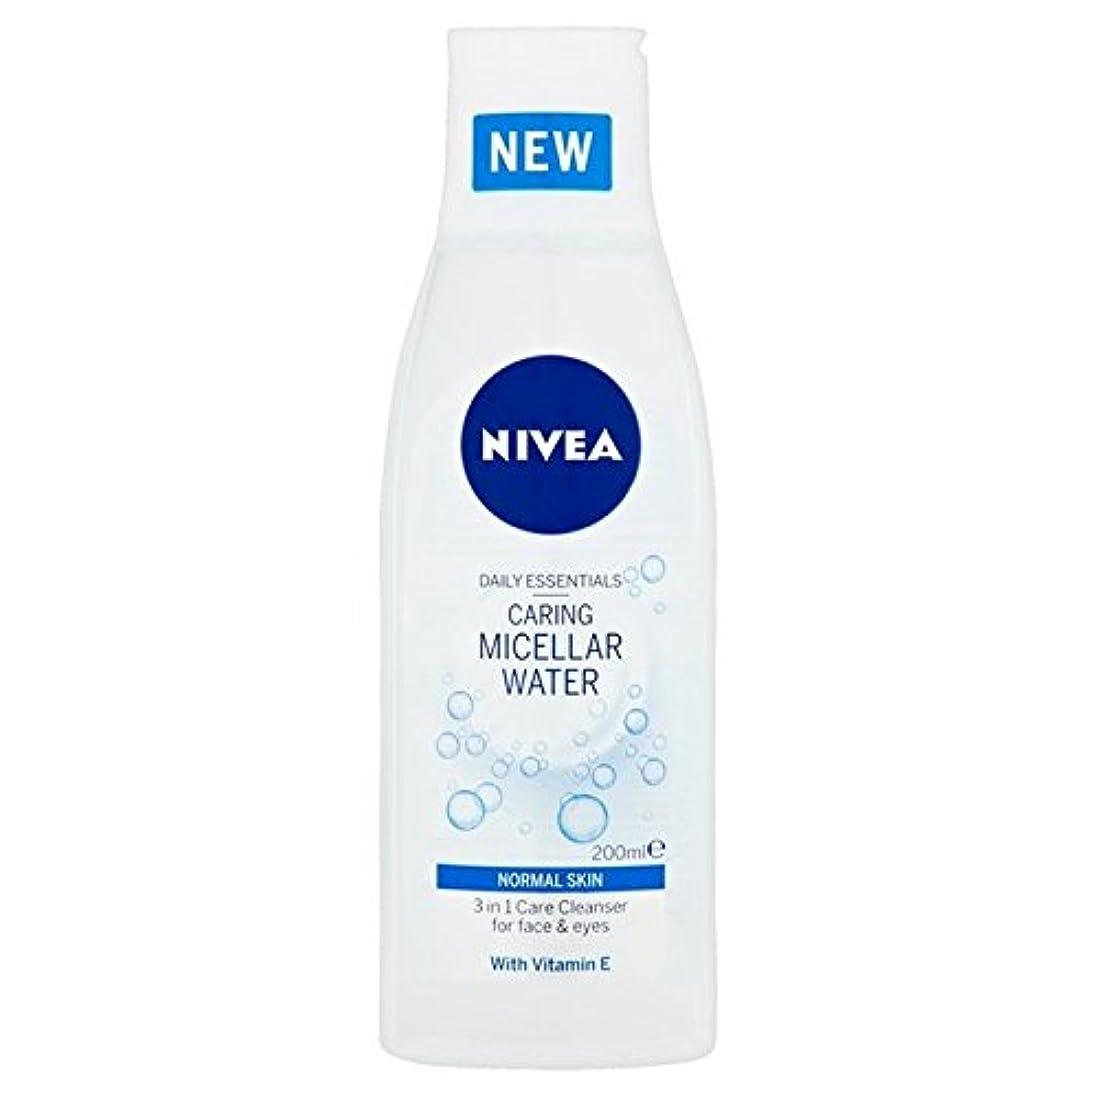 オリエンテーションブロー驚くばかり1つの敏感な思いやりのあるミセル水の正常な皮膚の200ミリリットルでニベア3 x2 - Nivea 3 in 1 Sensitive Caring Micellar Water Normal Skin 200ml (Pack...